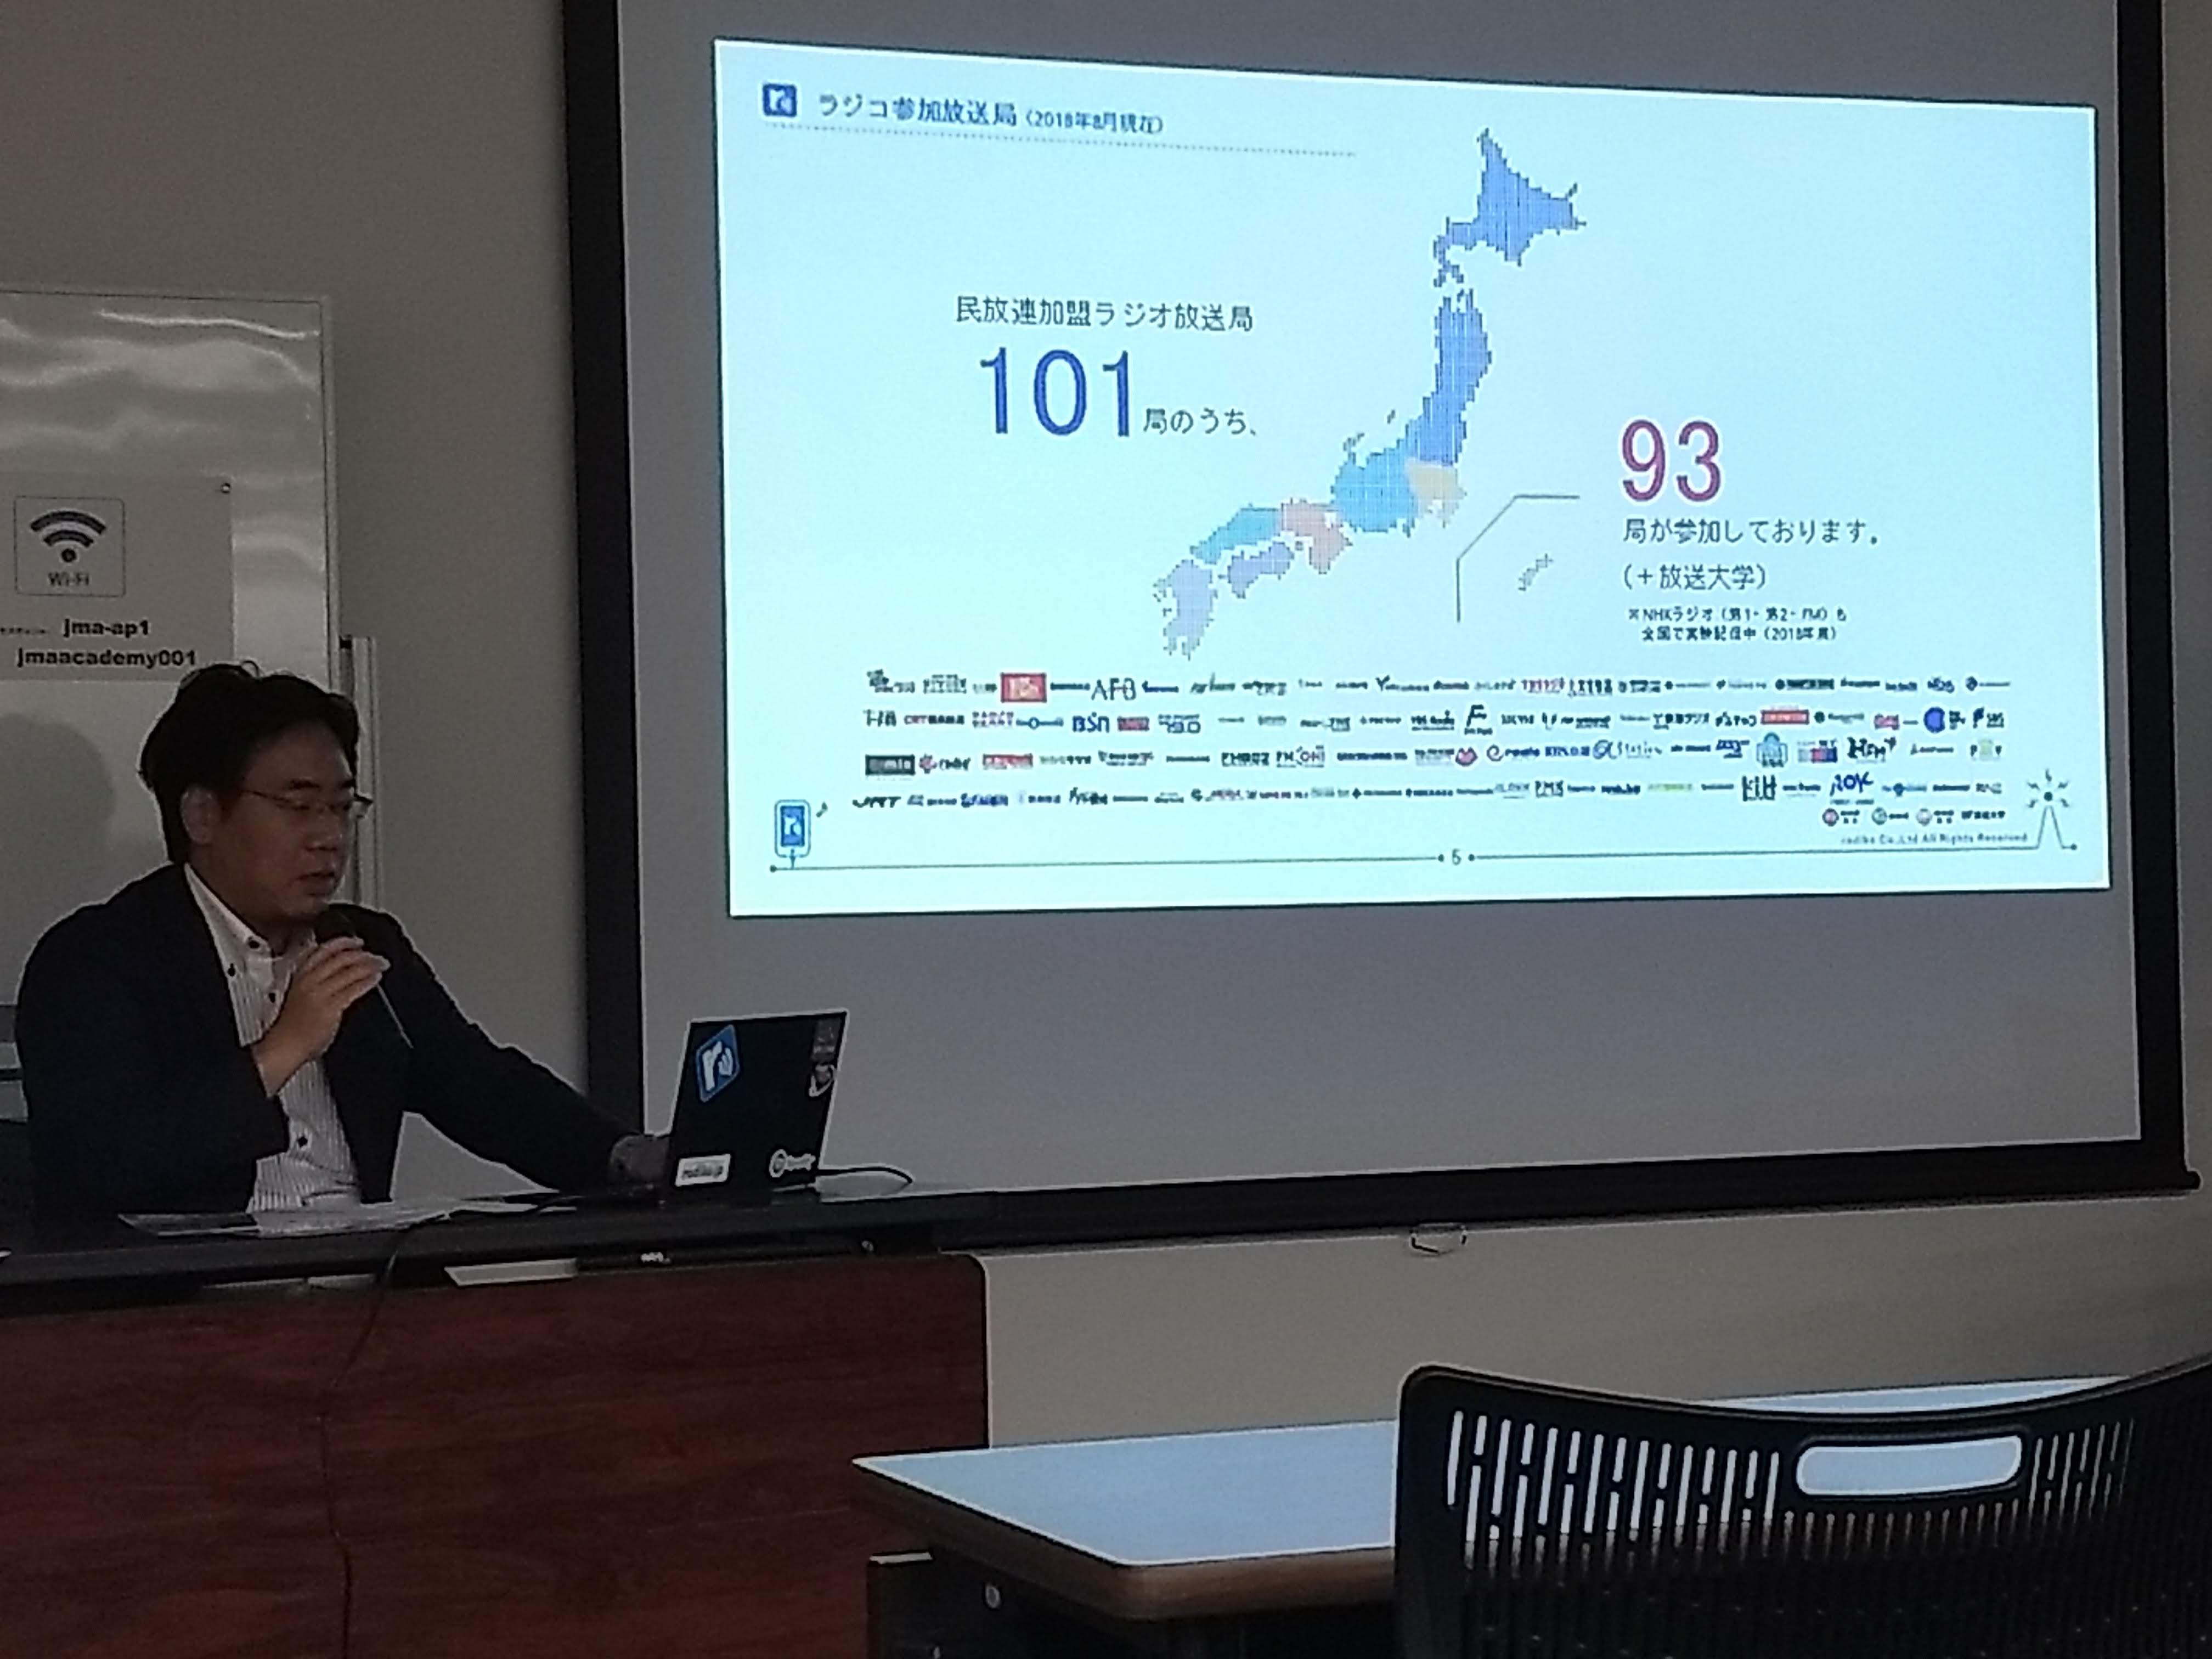 ラジコオーディオアドの可能性〜ミライテレビ推進会議レポート《2018年8月》〜